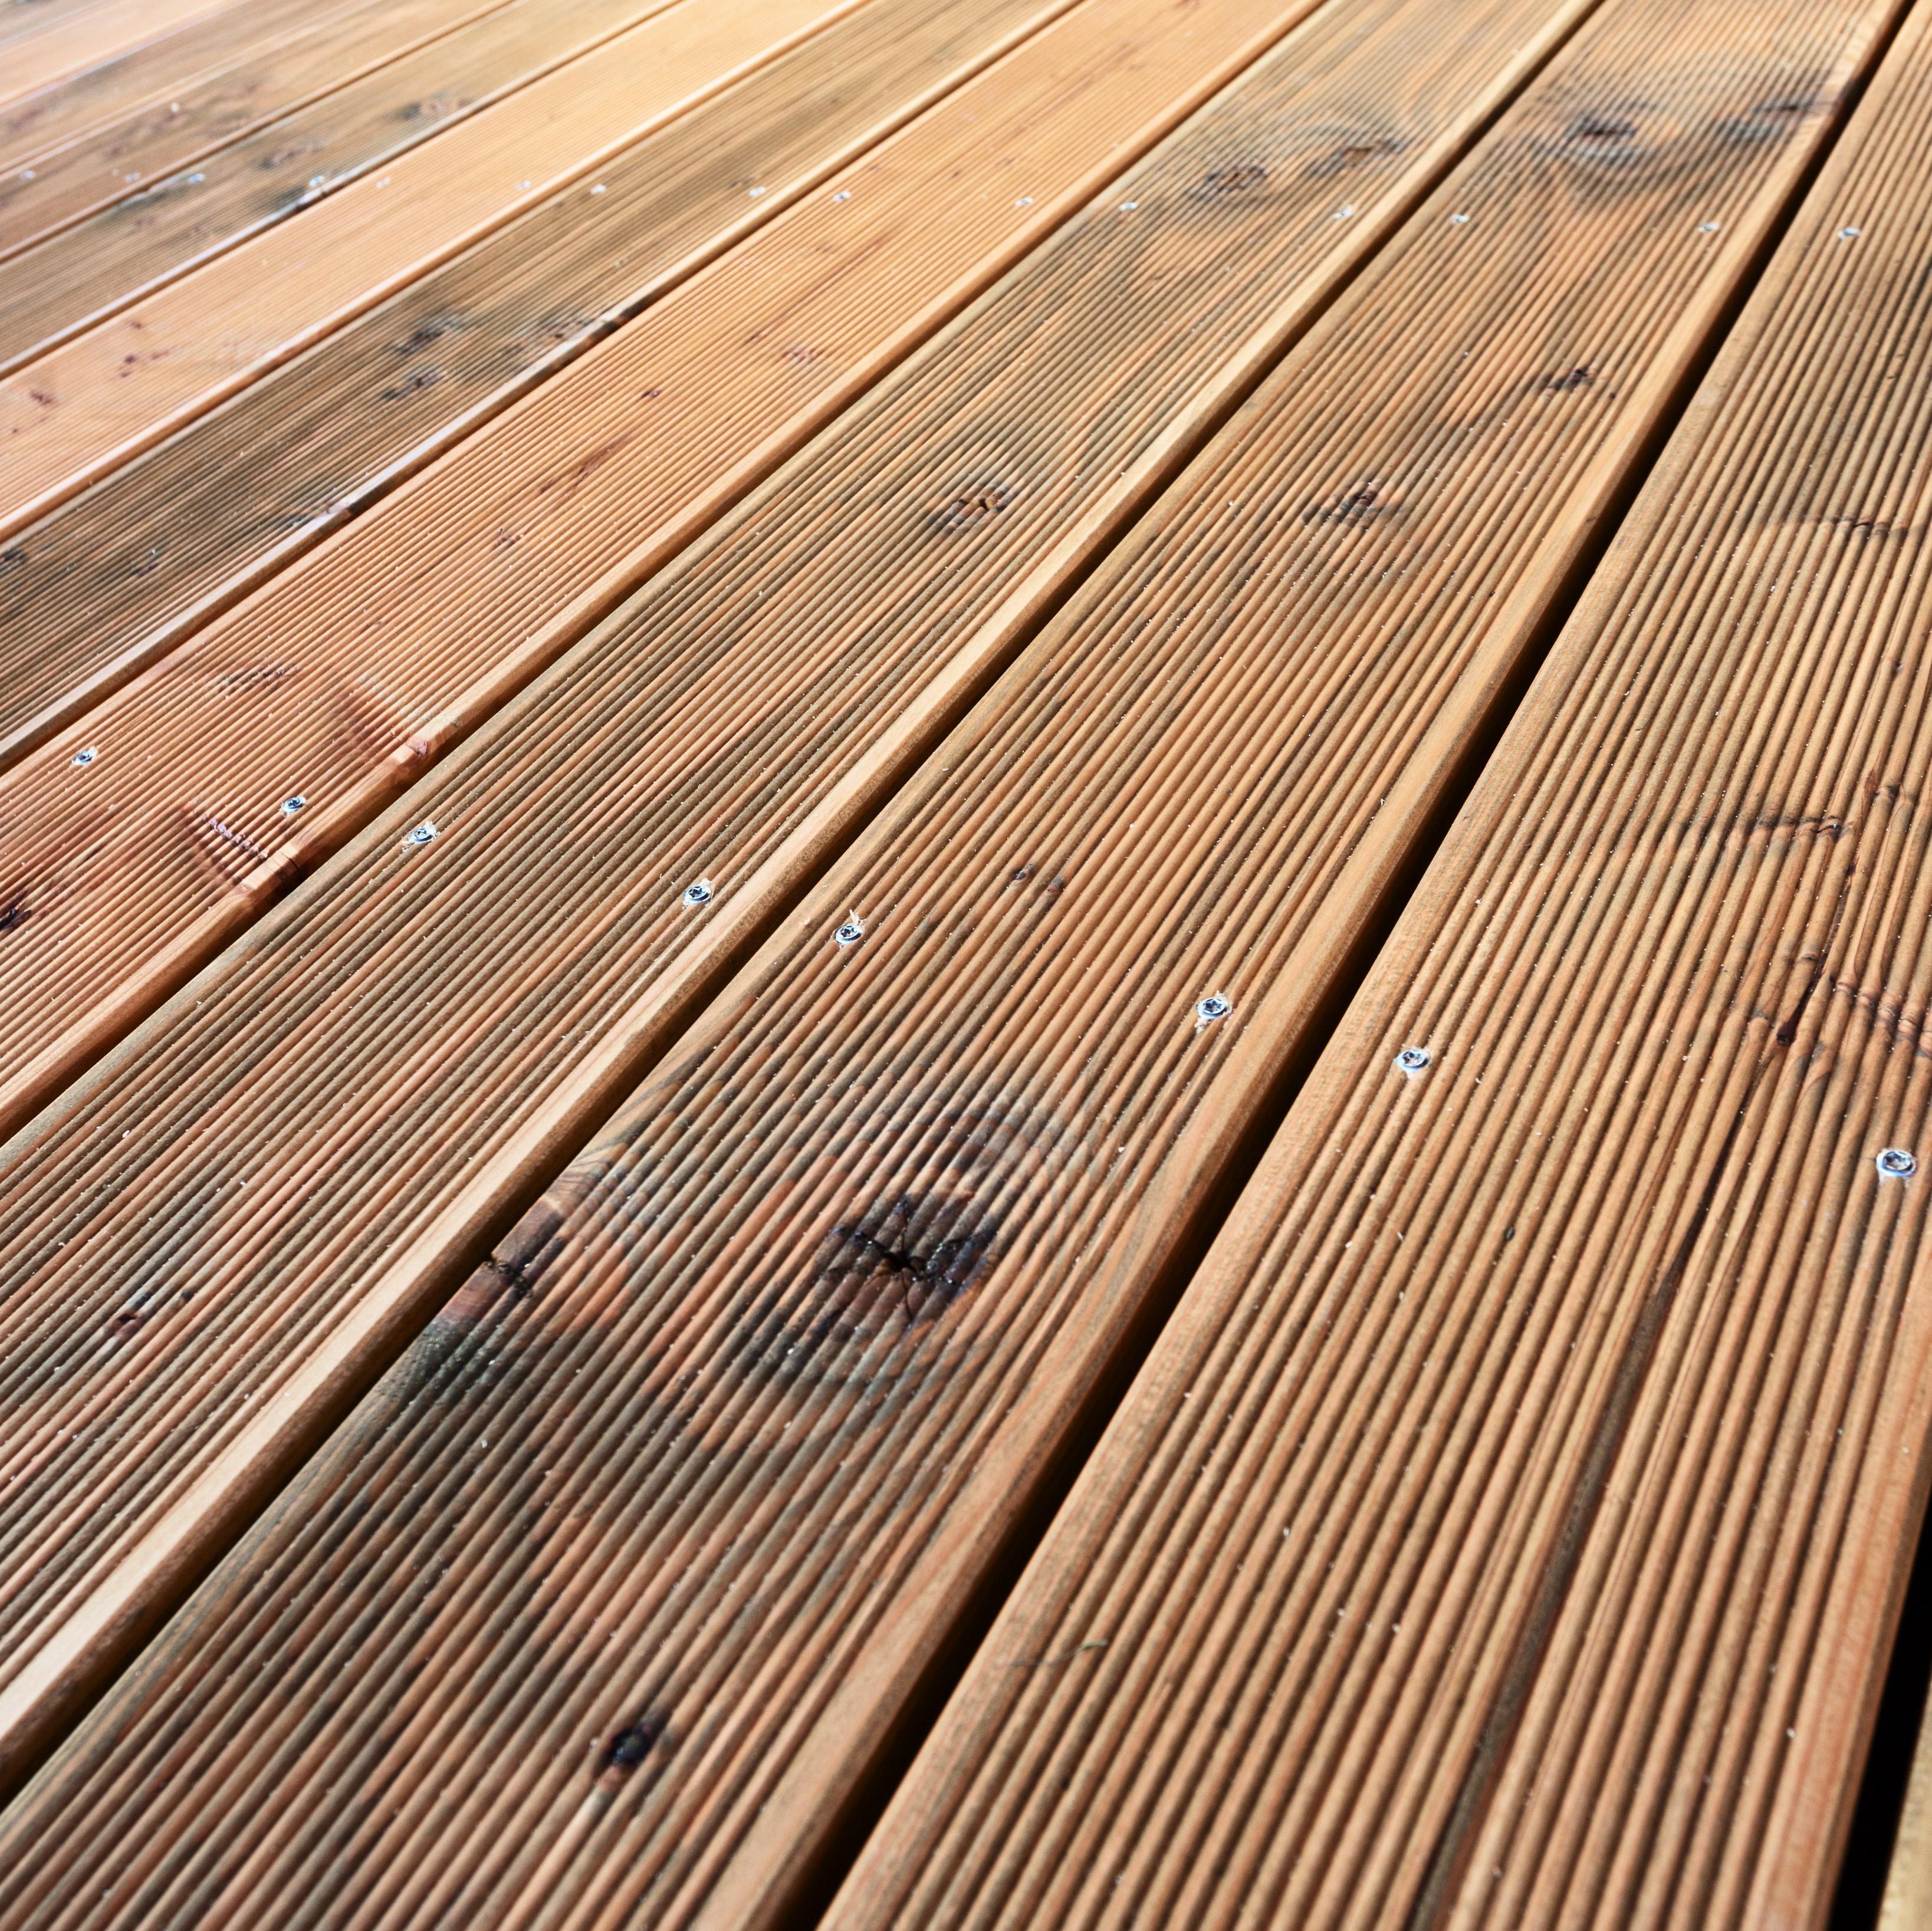 Hardwood timber decking